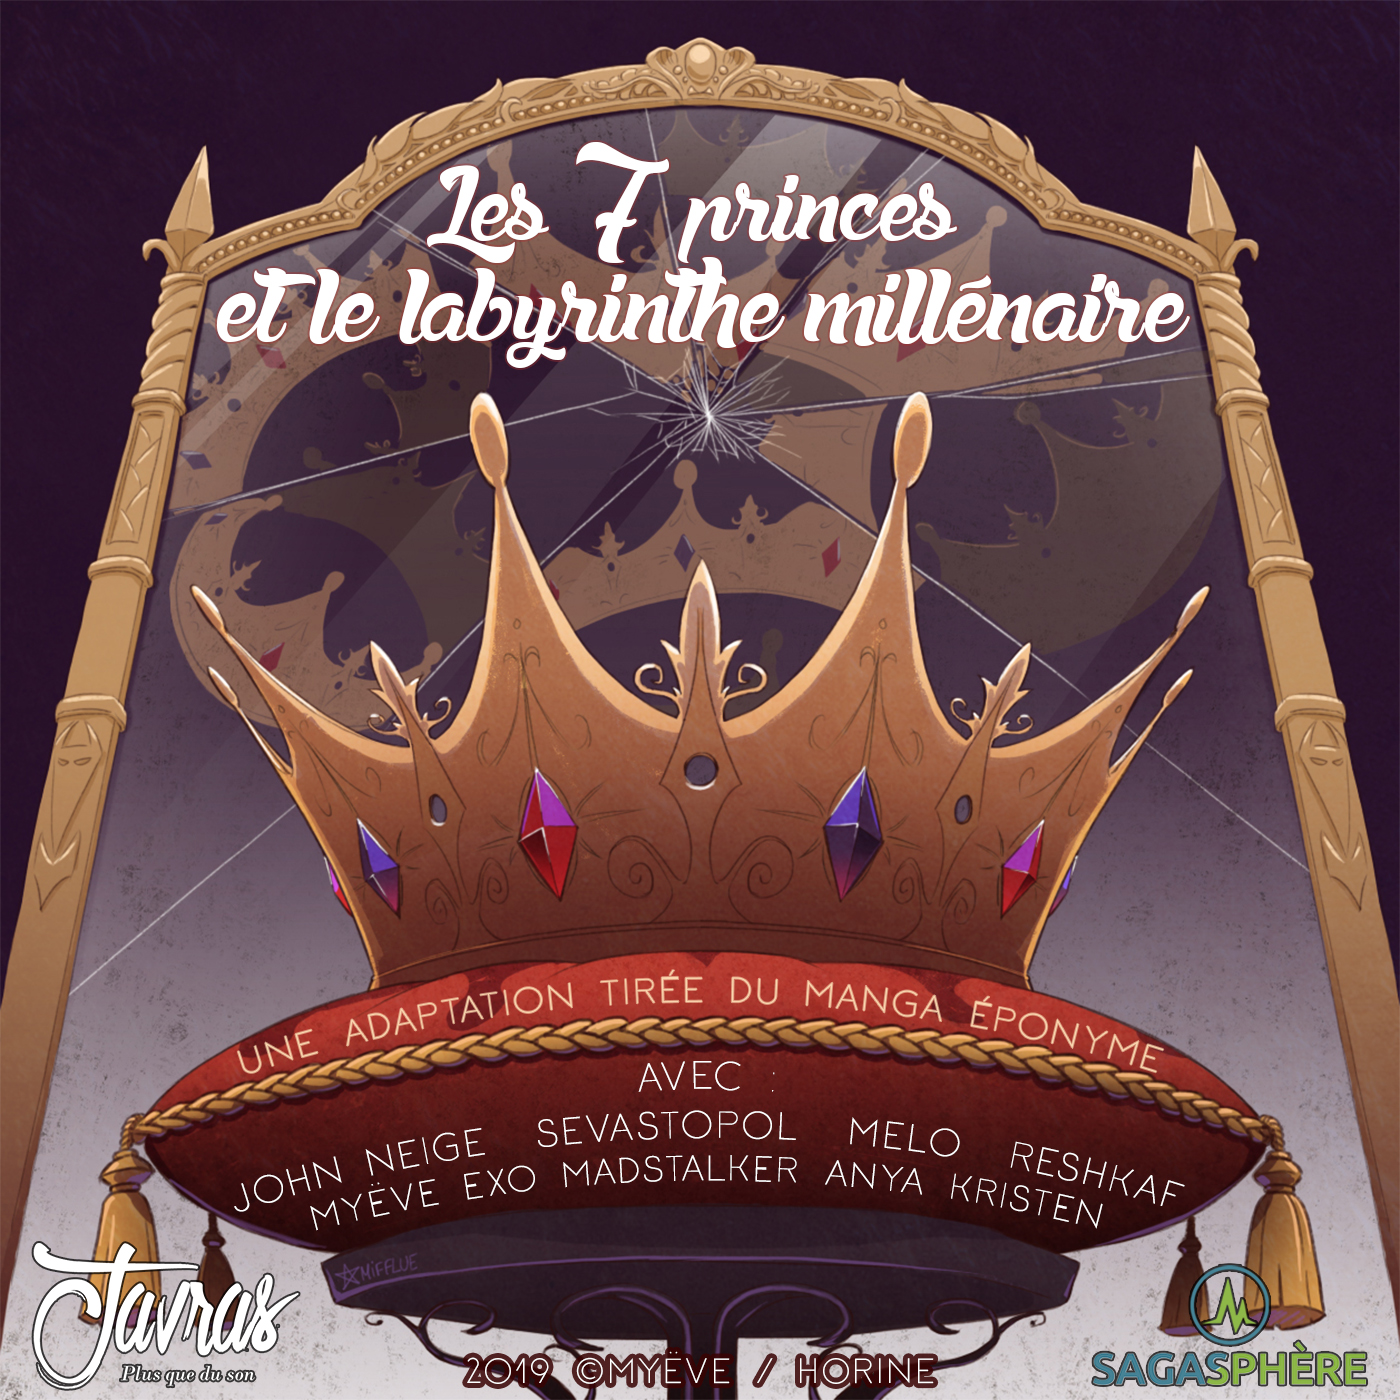 Les sept princes et le labyrinthe millenaire